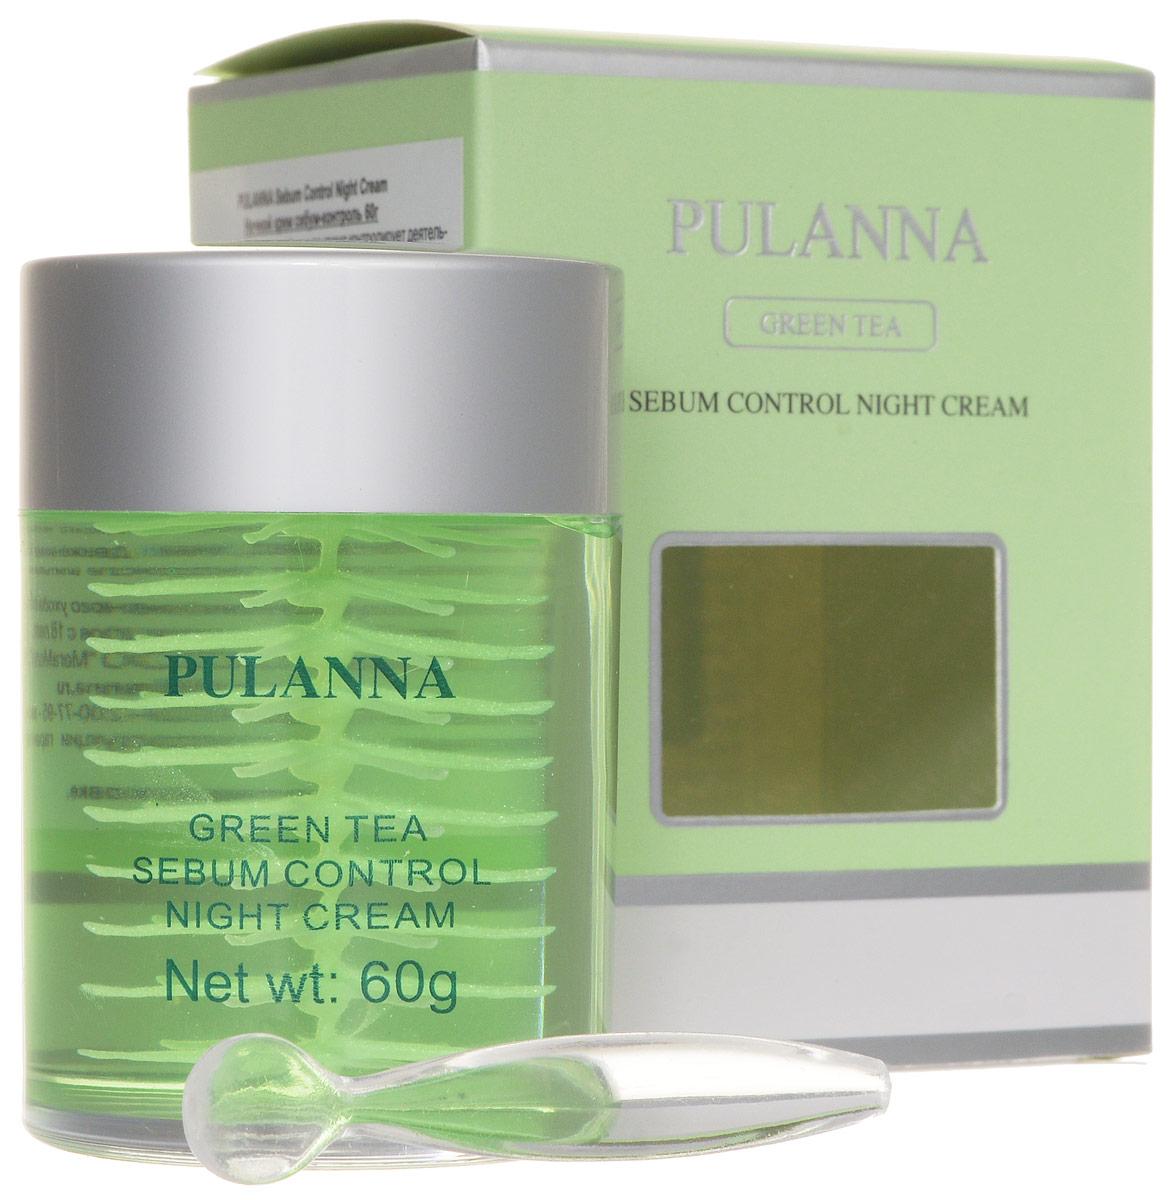 Pulanna Ночной крем себум-контроль на основе зеленого чая-Sebum Control Night Cream 60 г5902596005573Крем обладает противовоспалительным действием, укрепляет сосуды, снимает раздражения. Экстракт гриба Рейши оказывает бактериостатическое, антиоксидантное, антиканцерогенное действие, нормализует кровоснабжение, стимулирует вывод токсинов из кожи, замедляет процессы старения. Позволяет контролировать деятельность сальных желез. Крем также улучшает кровоснабжение, стимулирует вывод токсинов из кожи, оказывает антиоксидантное действие. Стимулирует обменные процессы и повышает местный кожный иммунитет. Заметно выравнивает кожный рельеф, питает, увлажняет, нормализует PH-баланс. Рекомендован для нормального, комбинированного типов кожи (в том числе для чувствительной) с 20 лет.